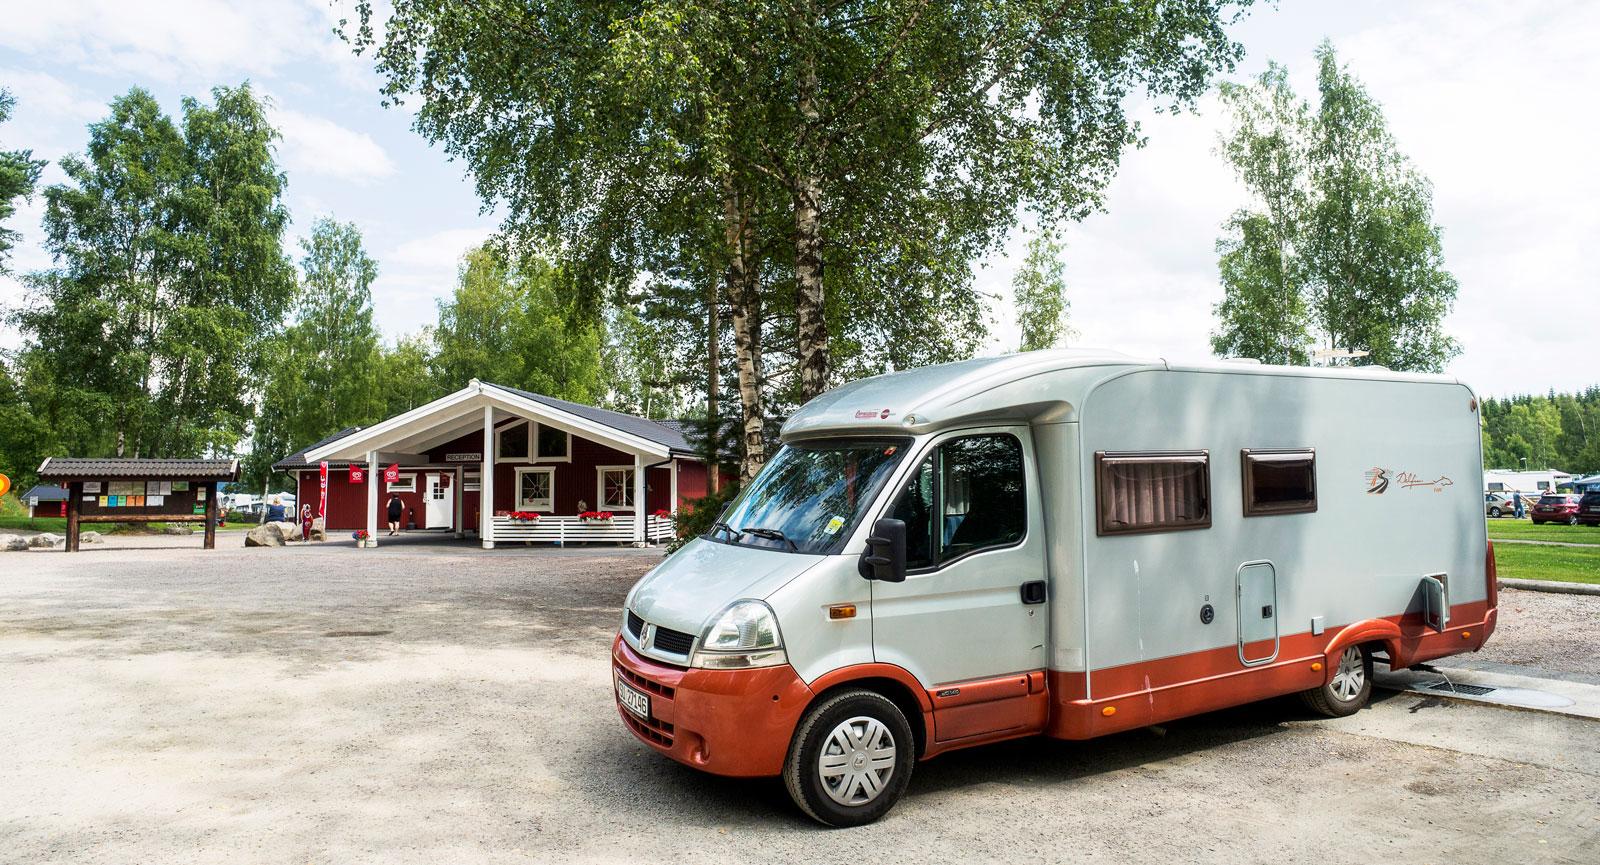 Camp Grinsby har full service med tömningsmöjligheter och även en liten ställplats strax utanför receptionen.